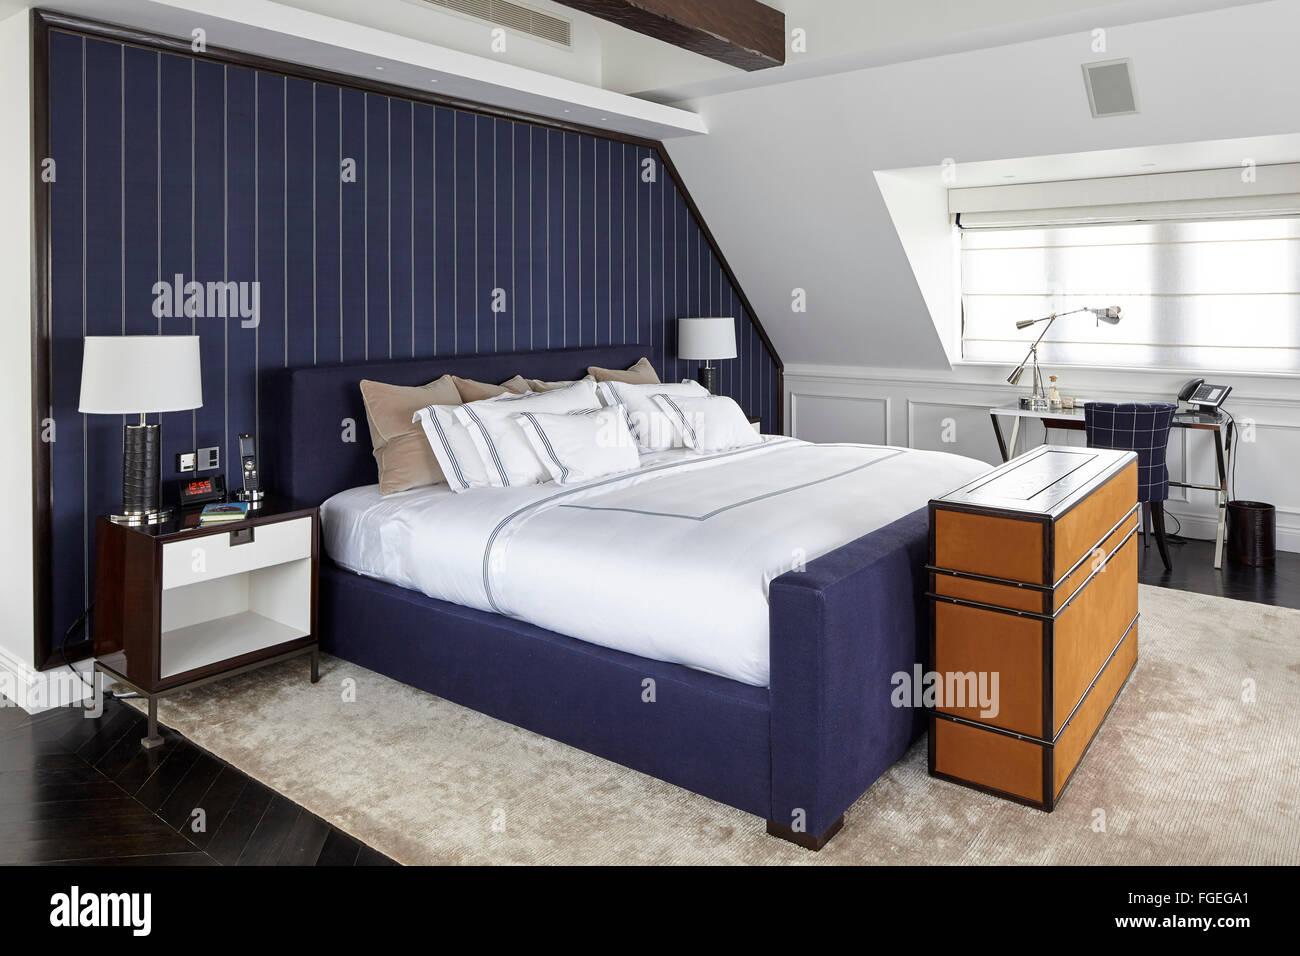 master schlafzimmer mit dunkel blauen nadelstreifen stoff wandbelag mit tv schrank am ende des. Black Bedroom Furniture Sets. Home Design Ideas